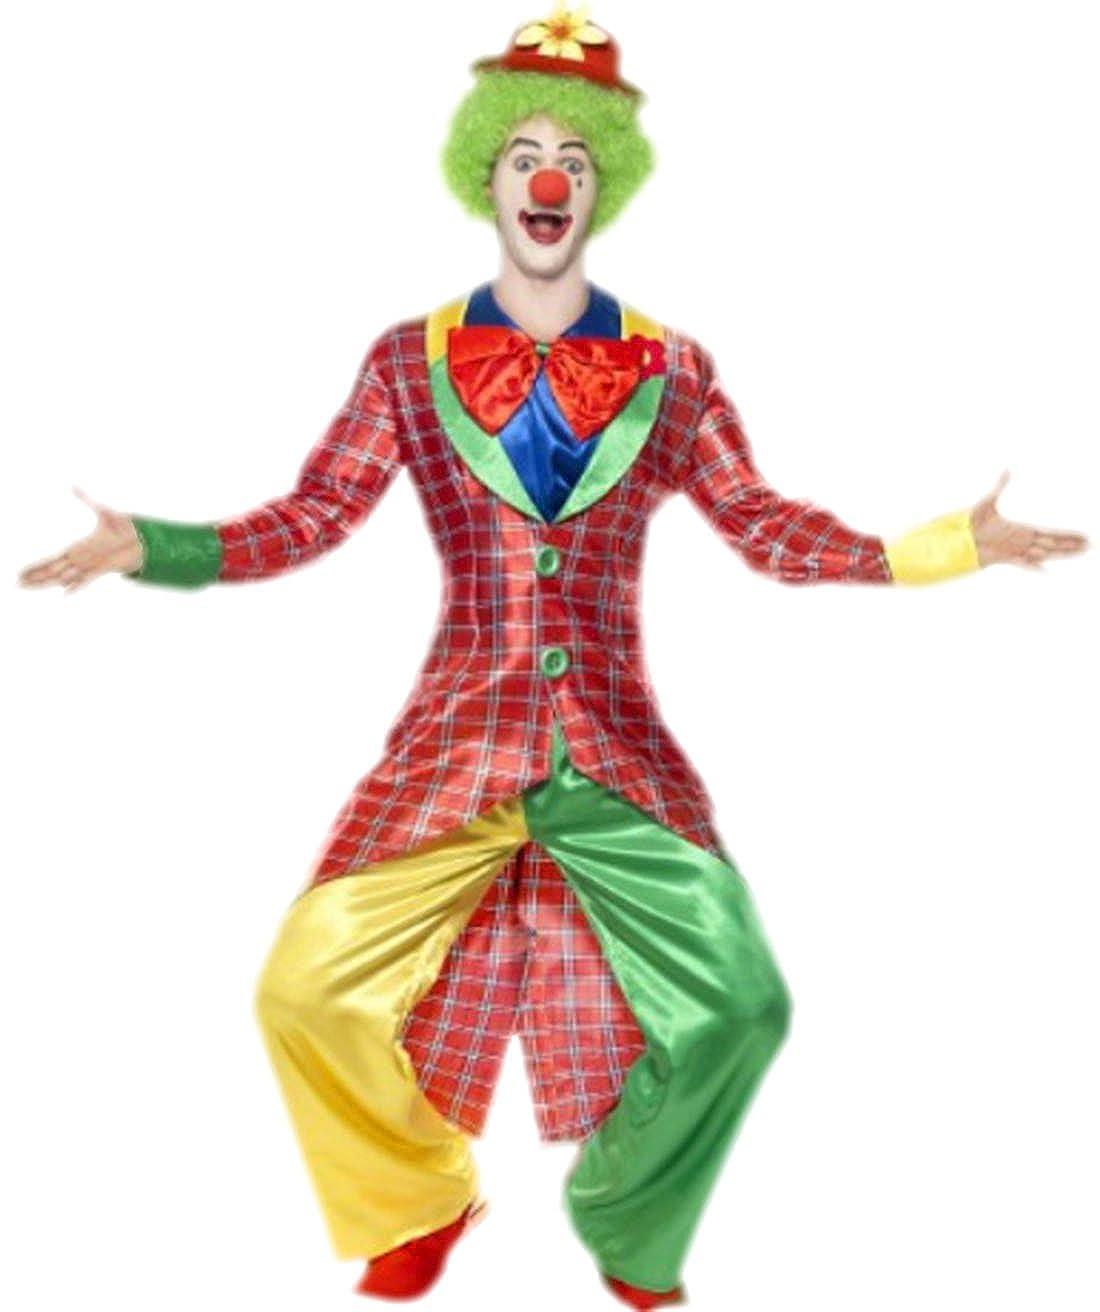 erdbeerloft – Hombre Carnaval Completo Disfraz Circo payaso, M de ...